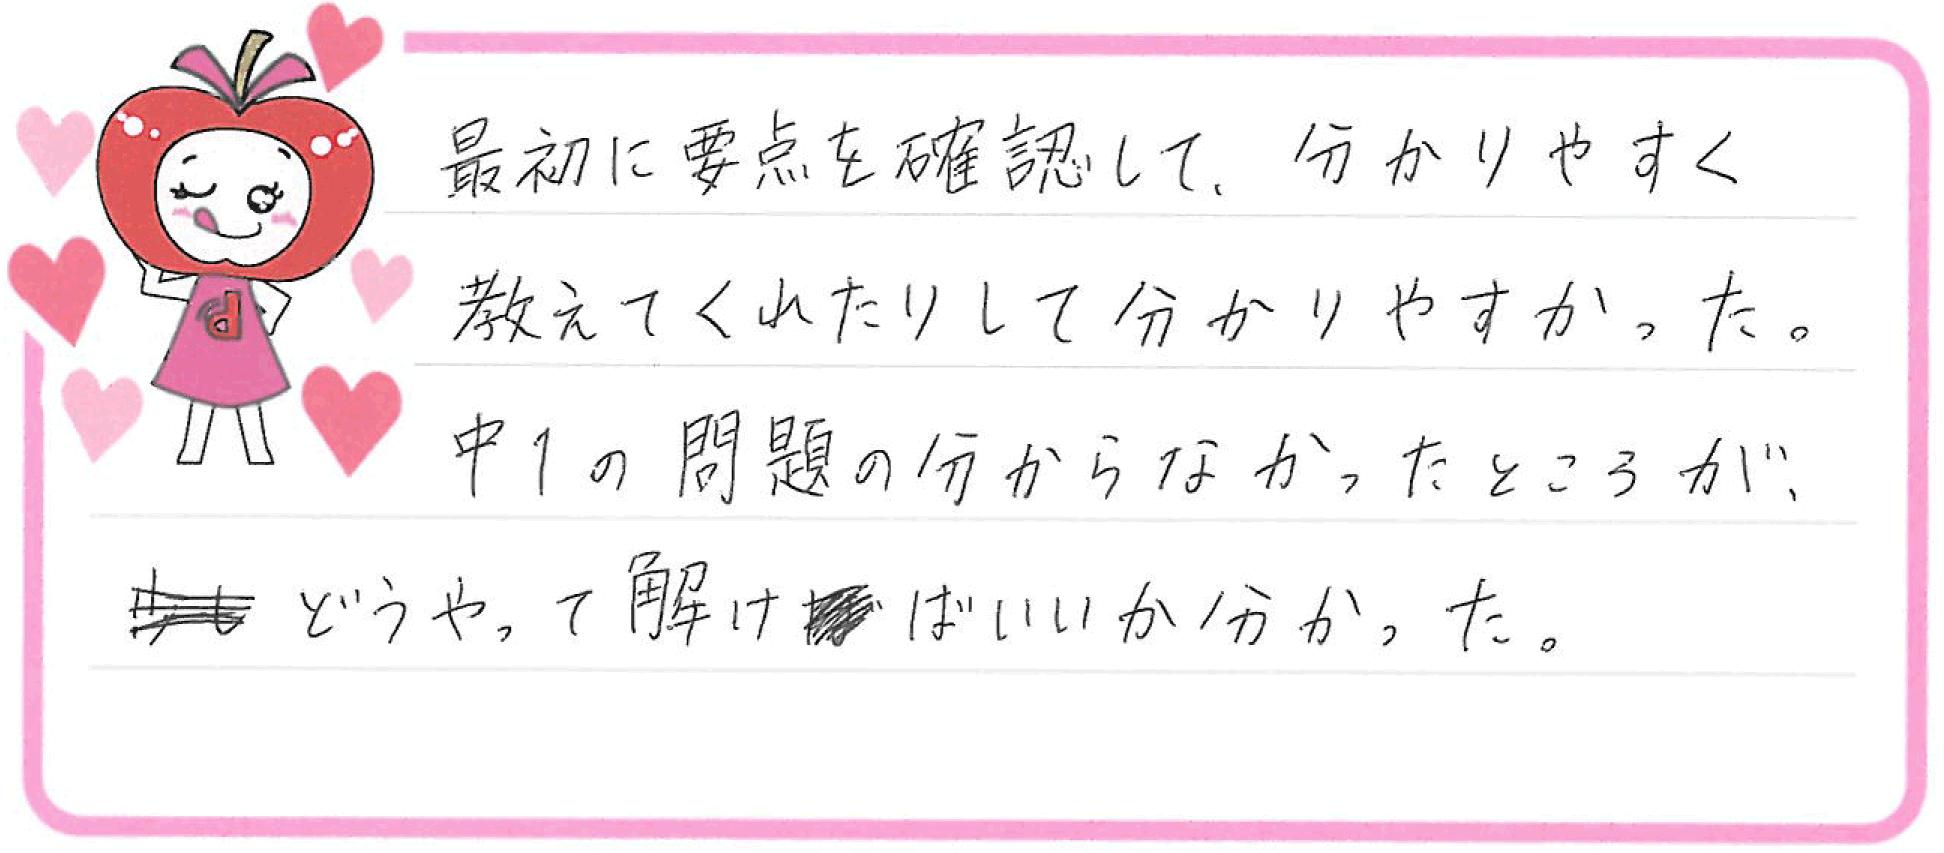 O.Aちゃん(黒部市)からの口コミ